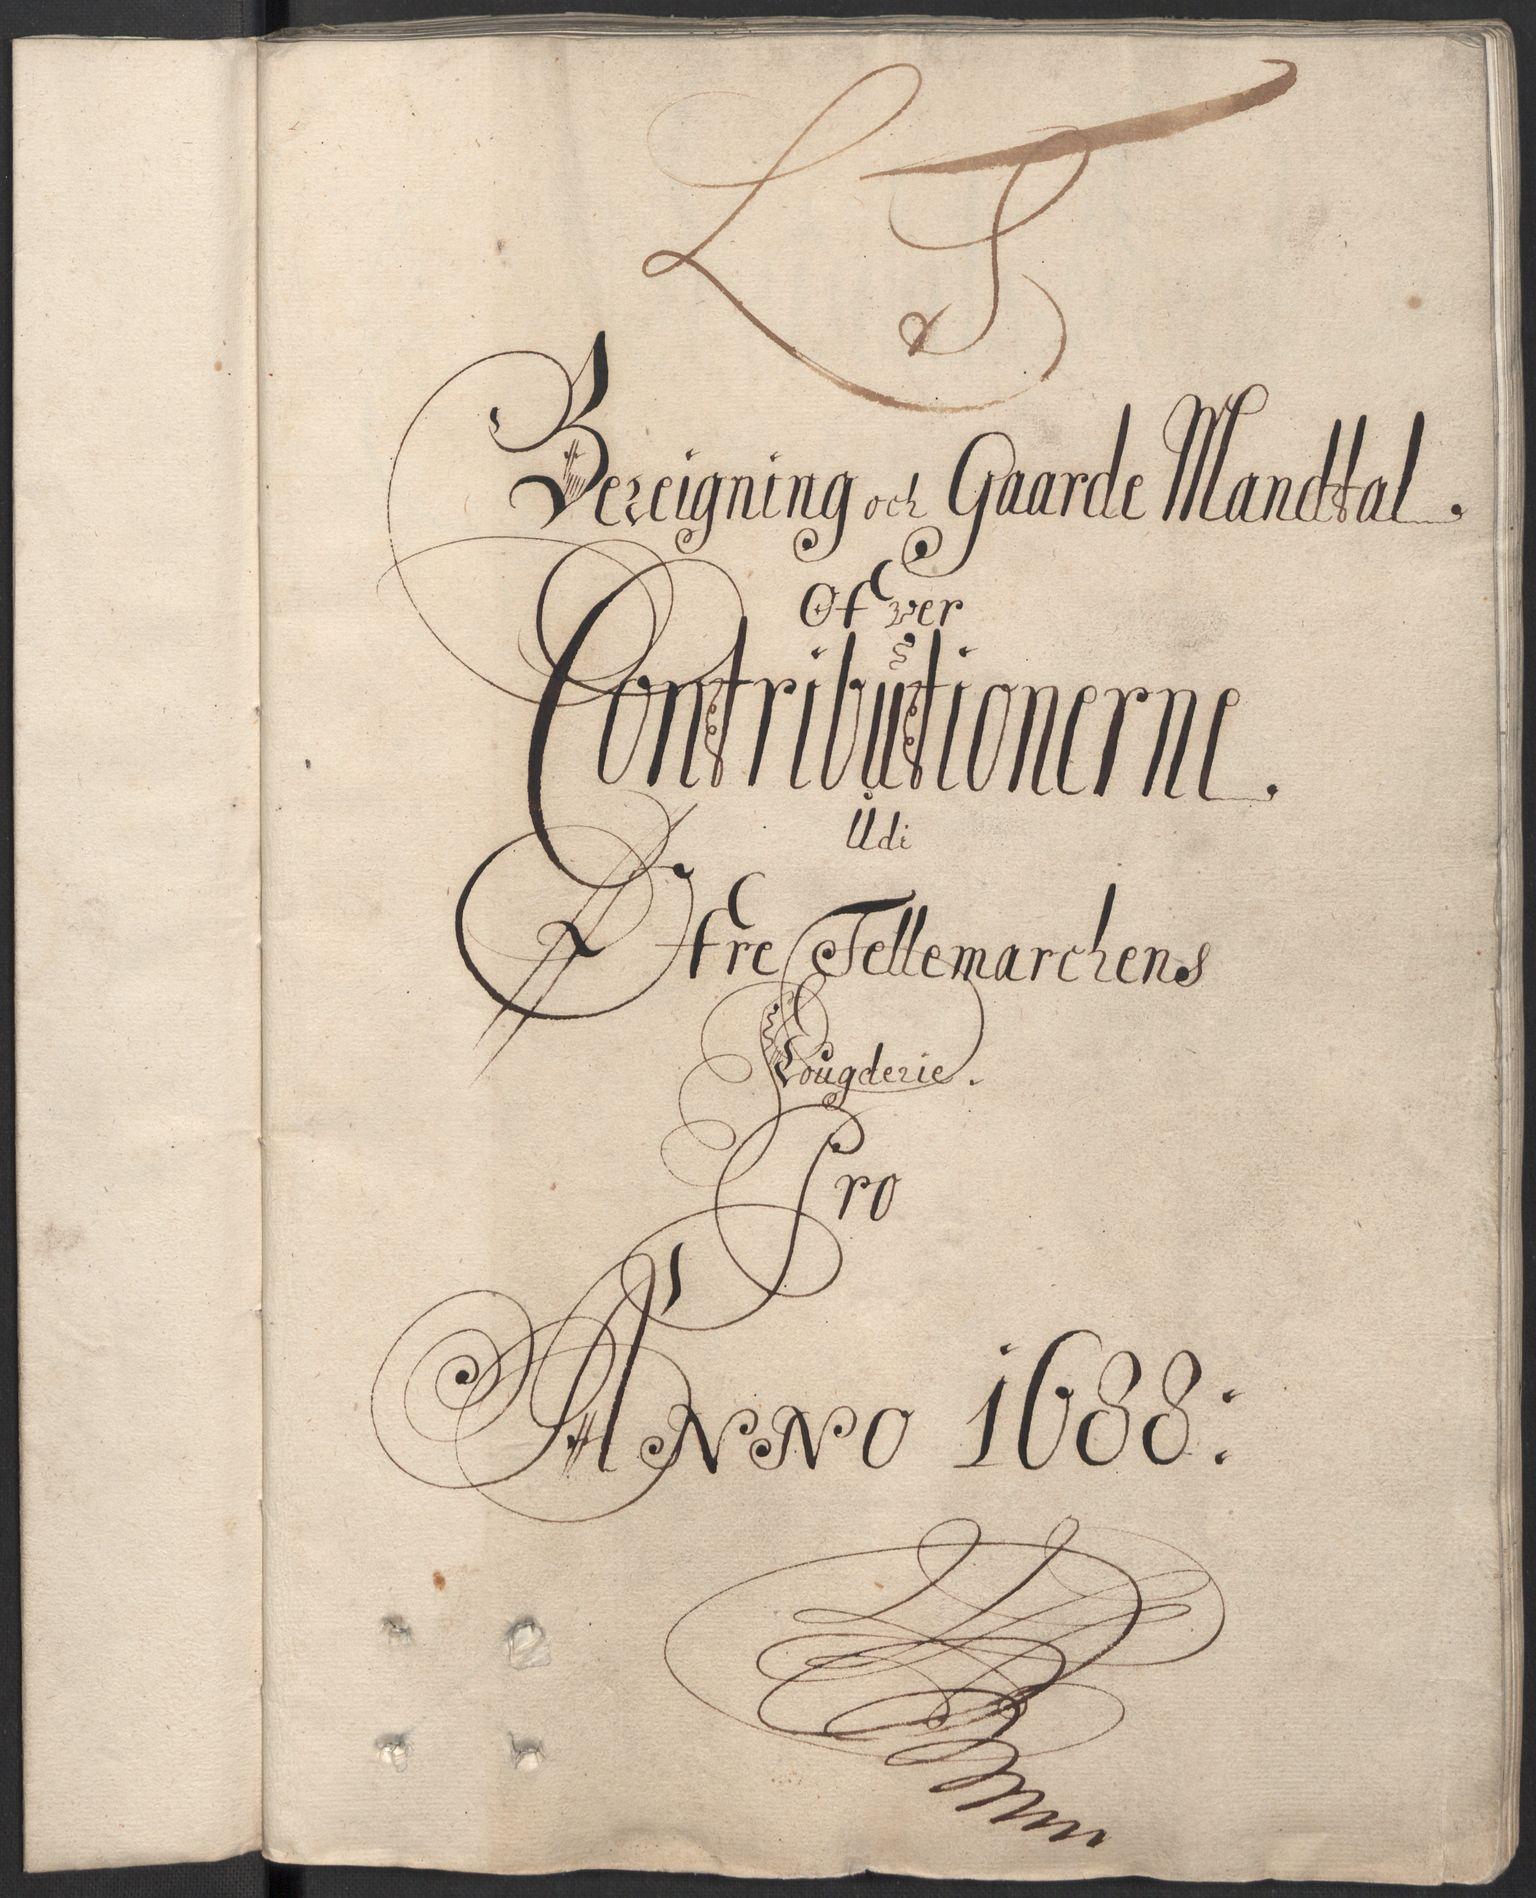 RA, Rentekammeret inntil 1814, Reviderte regnskaper, Fogderegnskap, R35/L2087: Fogderegnskap Øvre og Nedre Telemark, 1687-1689, s. 30